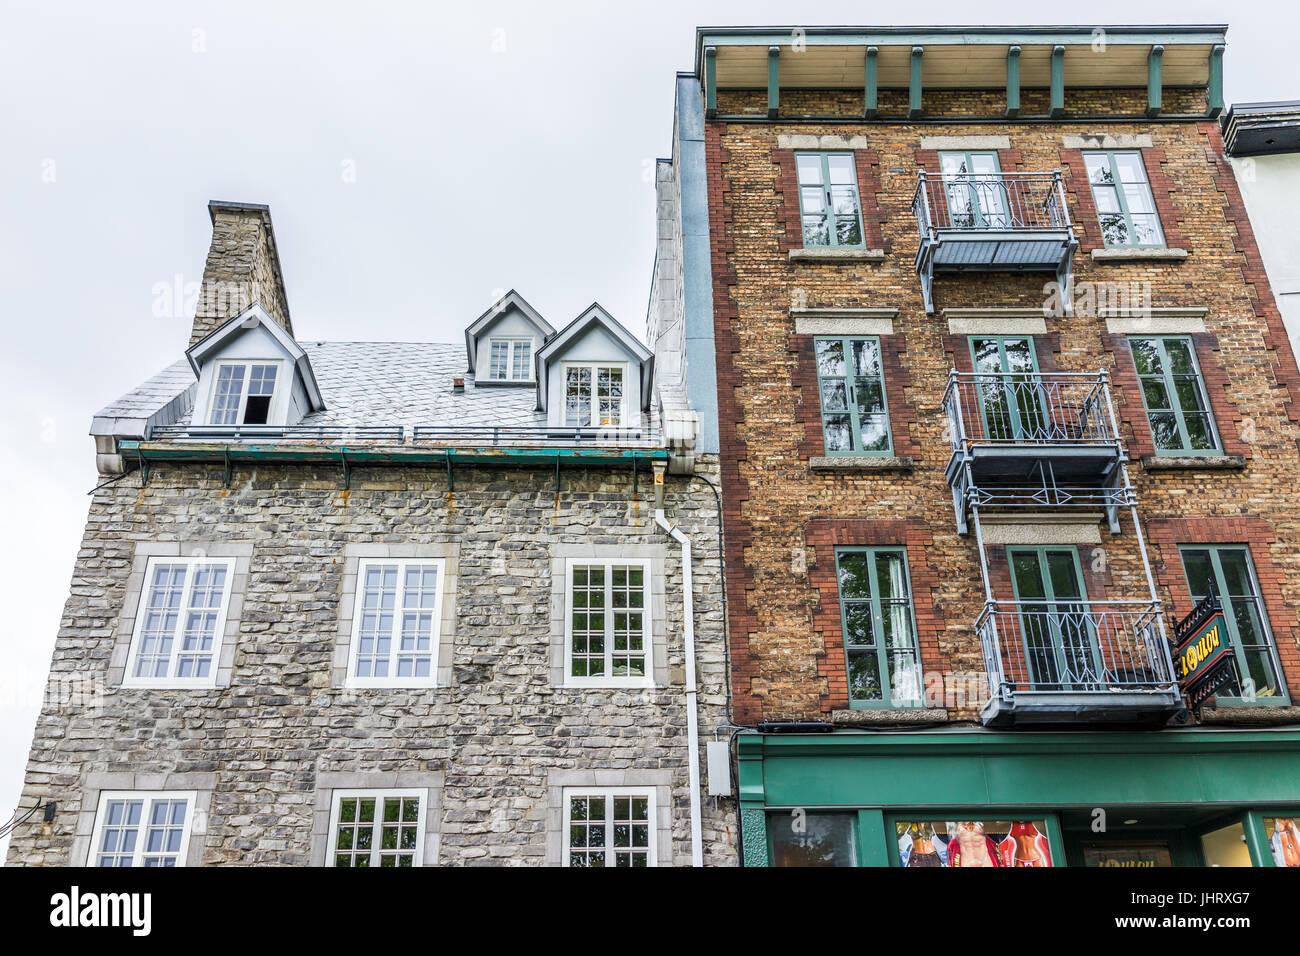 La città di Quebec, Canada - 30 Maggio 2017: Inferiore città vecchia strada chiamata Cote de la Montagne Immagini Stock